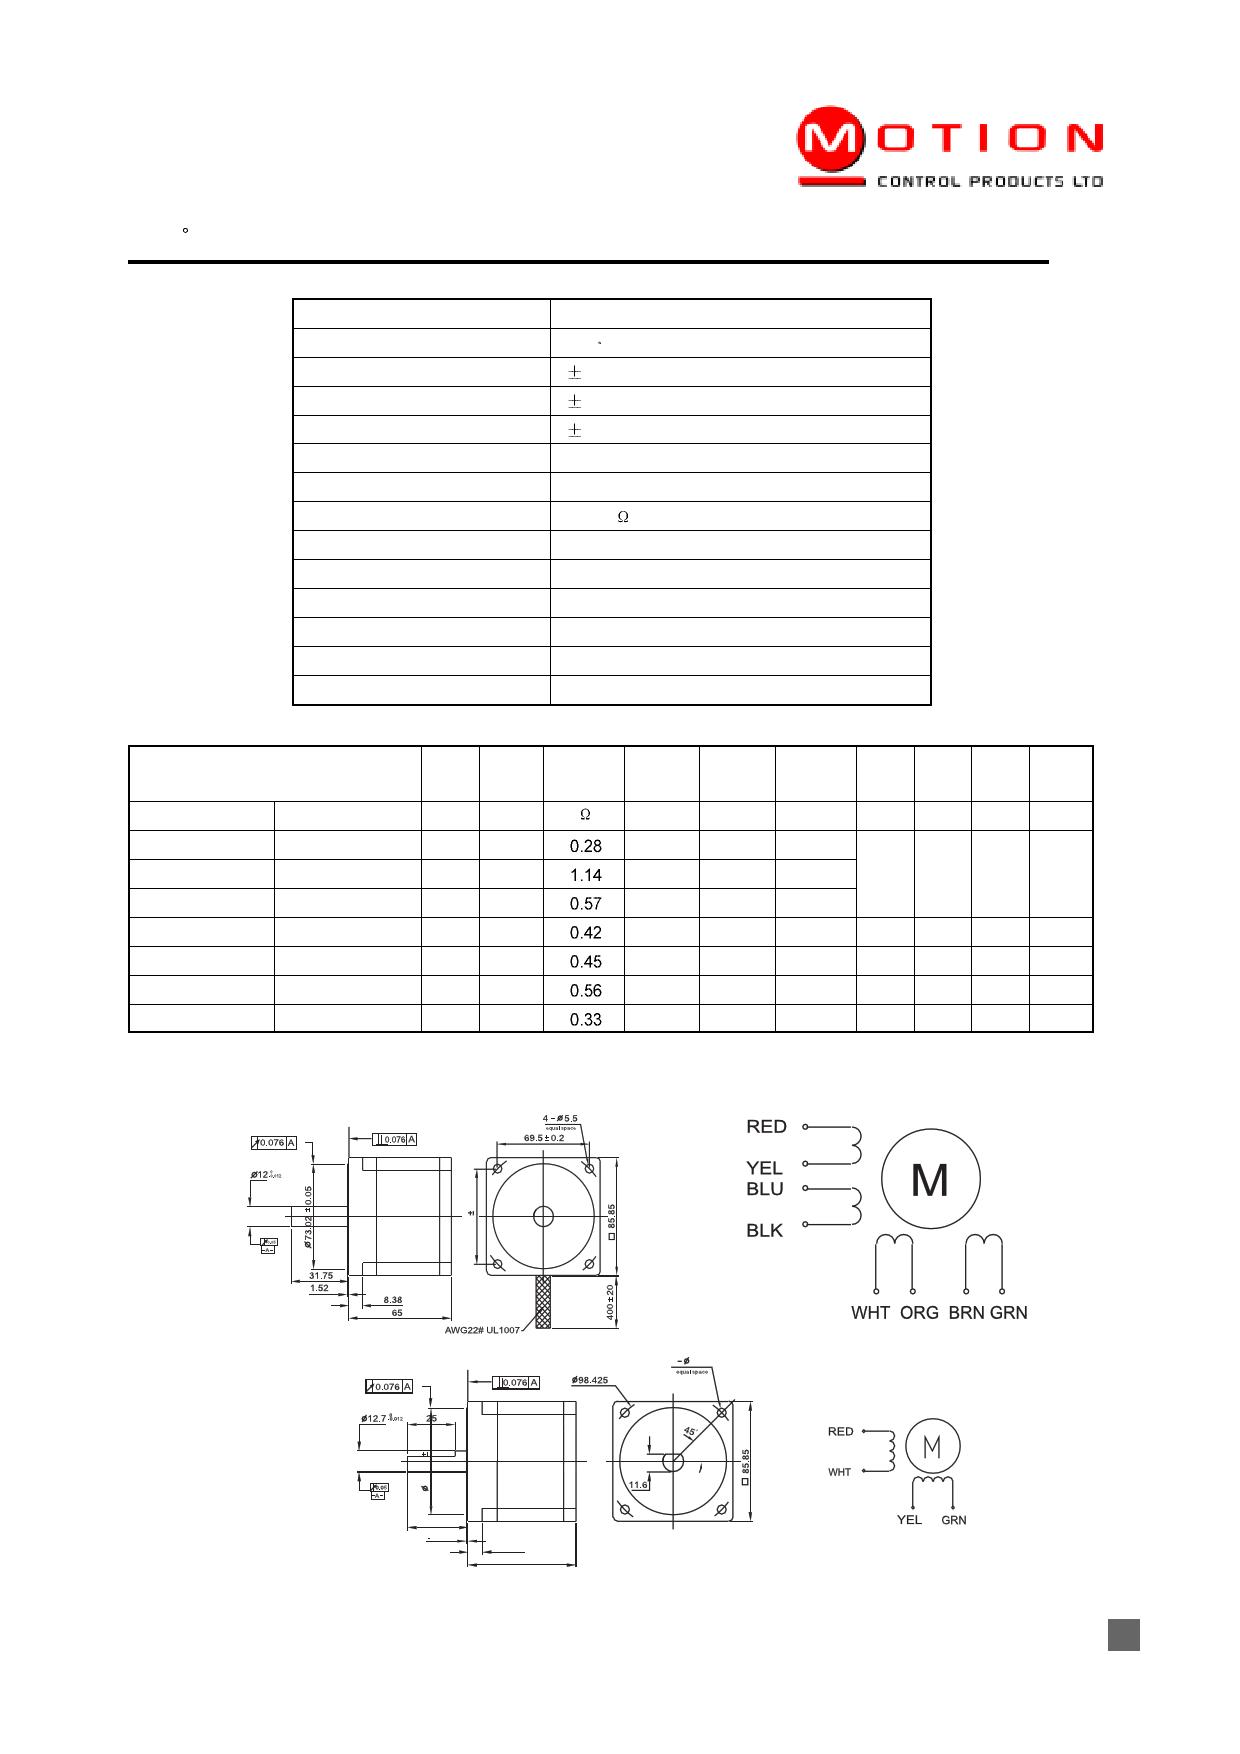 FL86STH156-6204A Datasheet, FL86STH156-6204A PDF,ピン配置, 機能